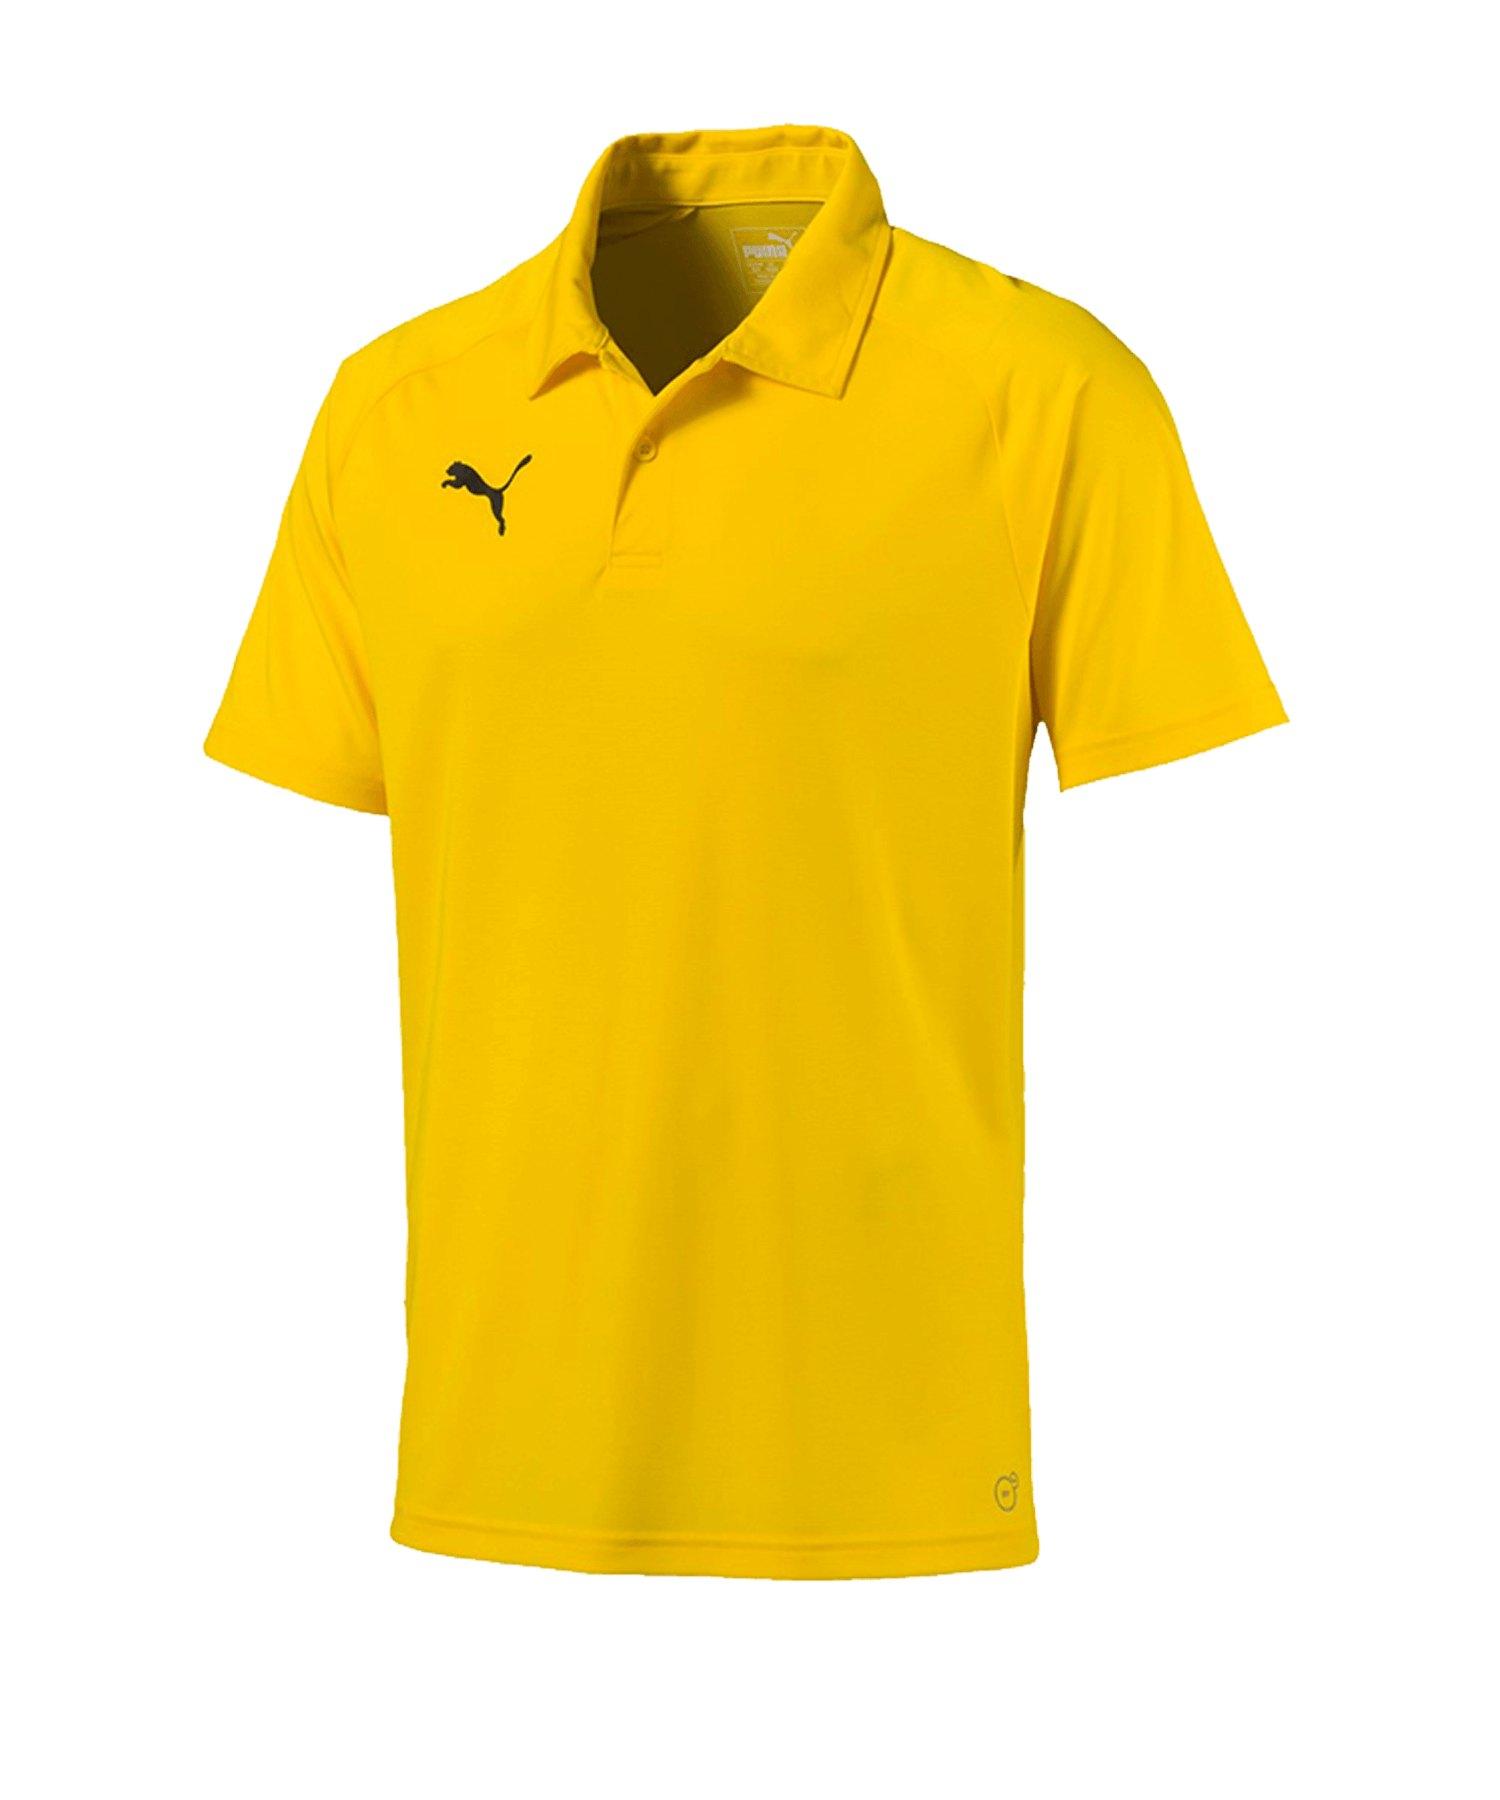 PUMA LIGA Sideline Poloshirt Gelb Schwarz F07 - gelb